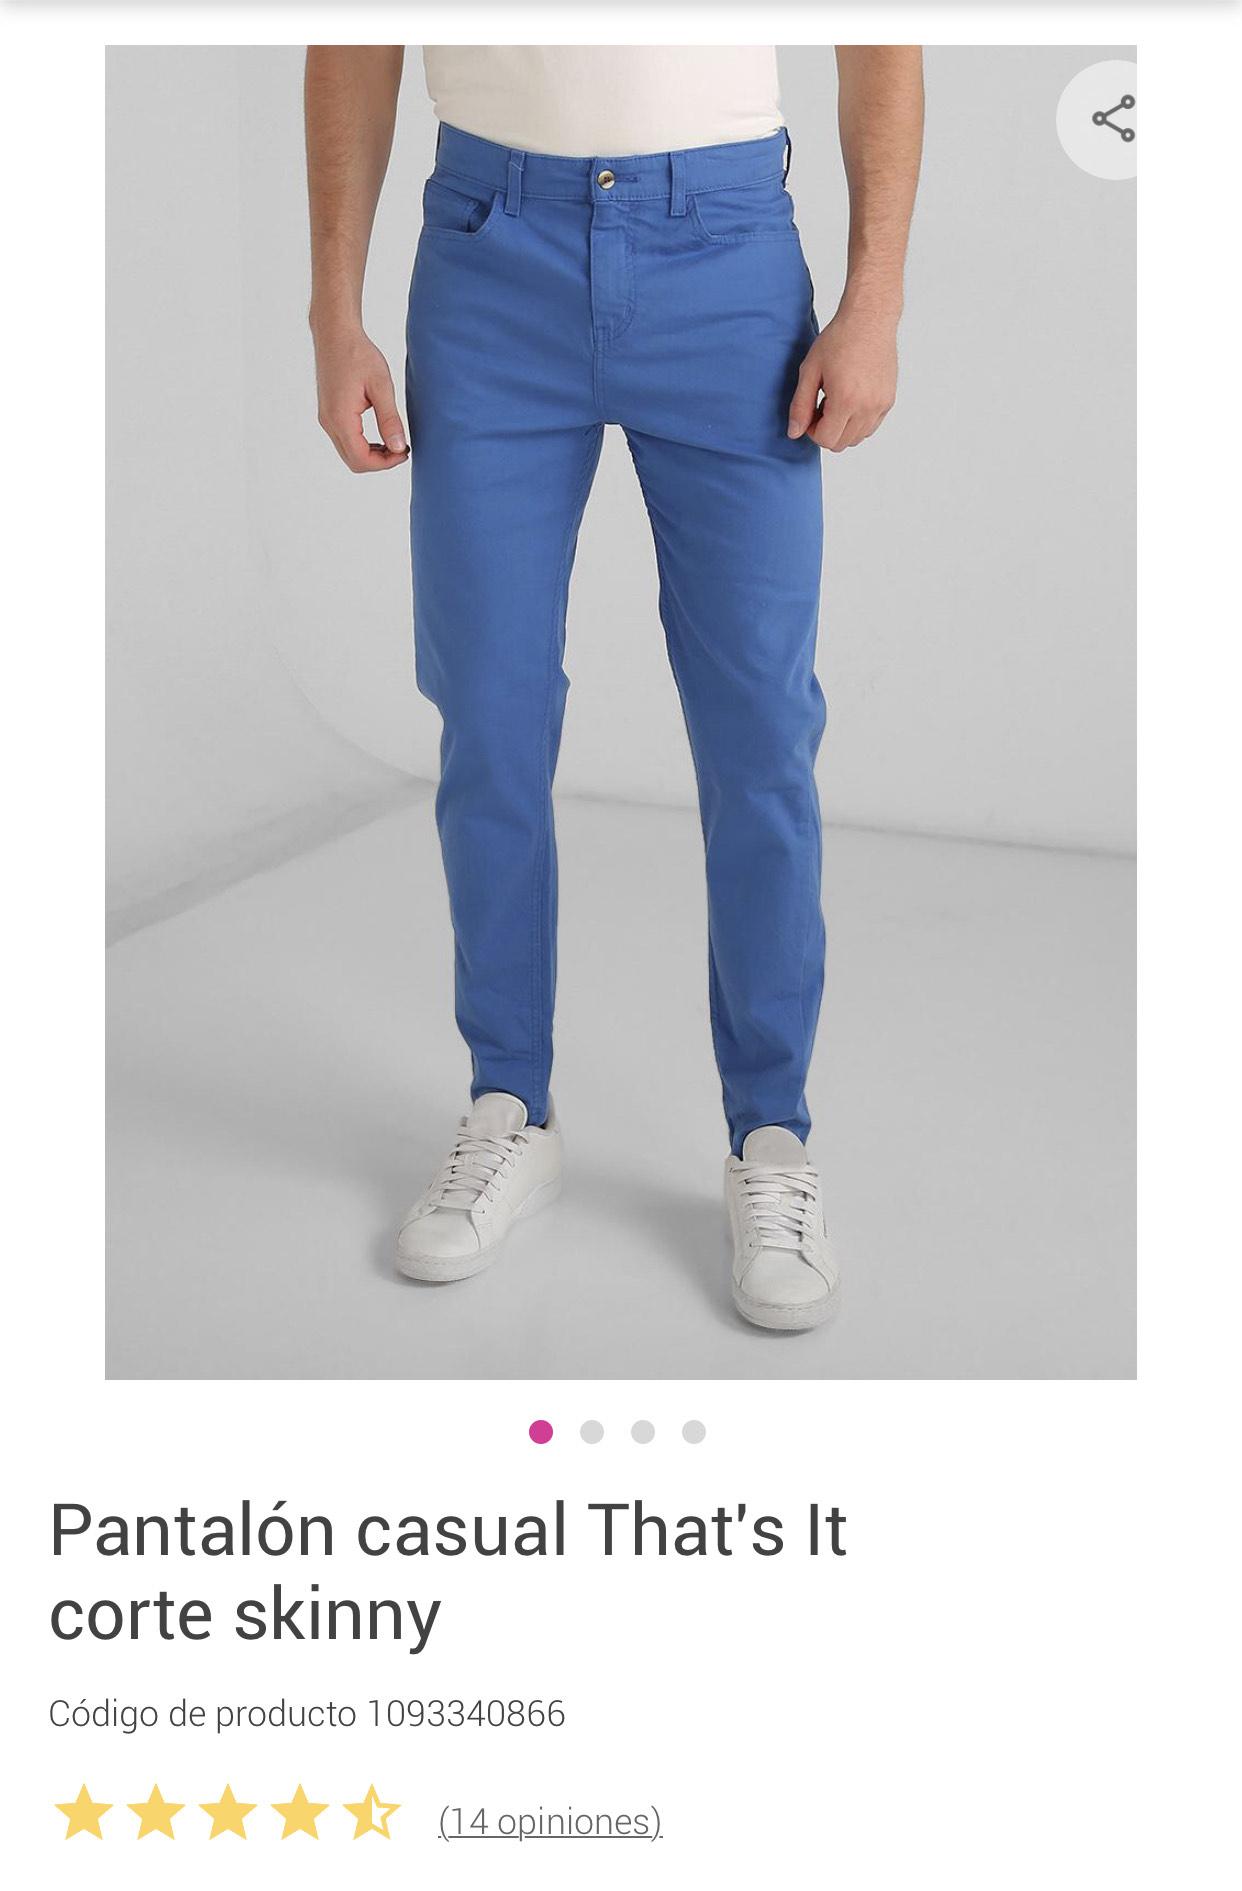 Liverpool: Pantalón casual That's it corte skinny en varios colores.